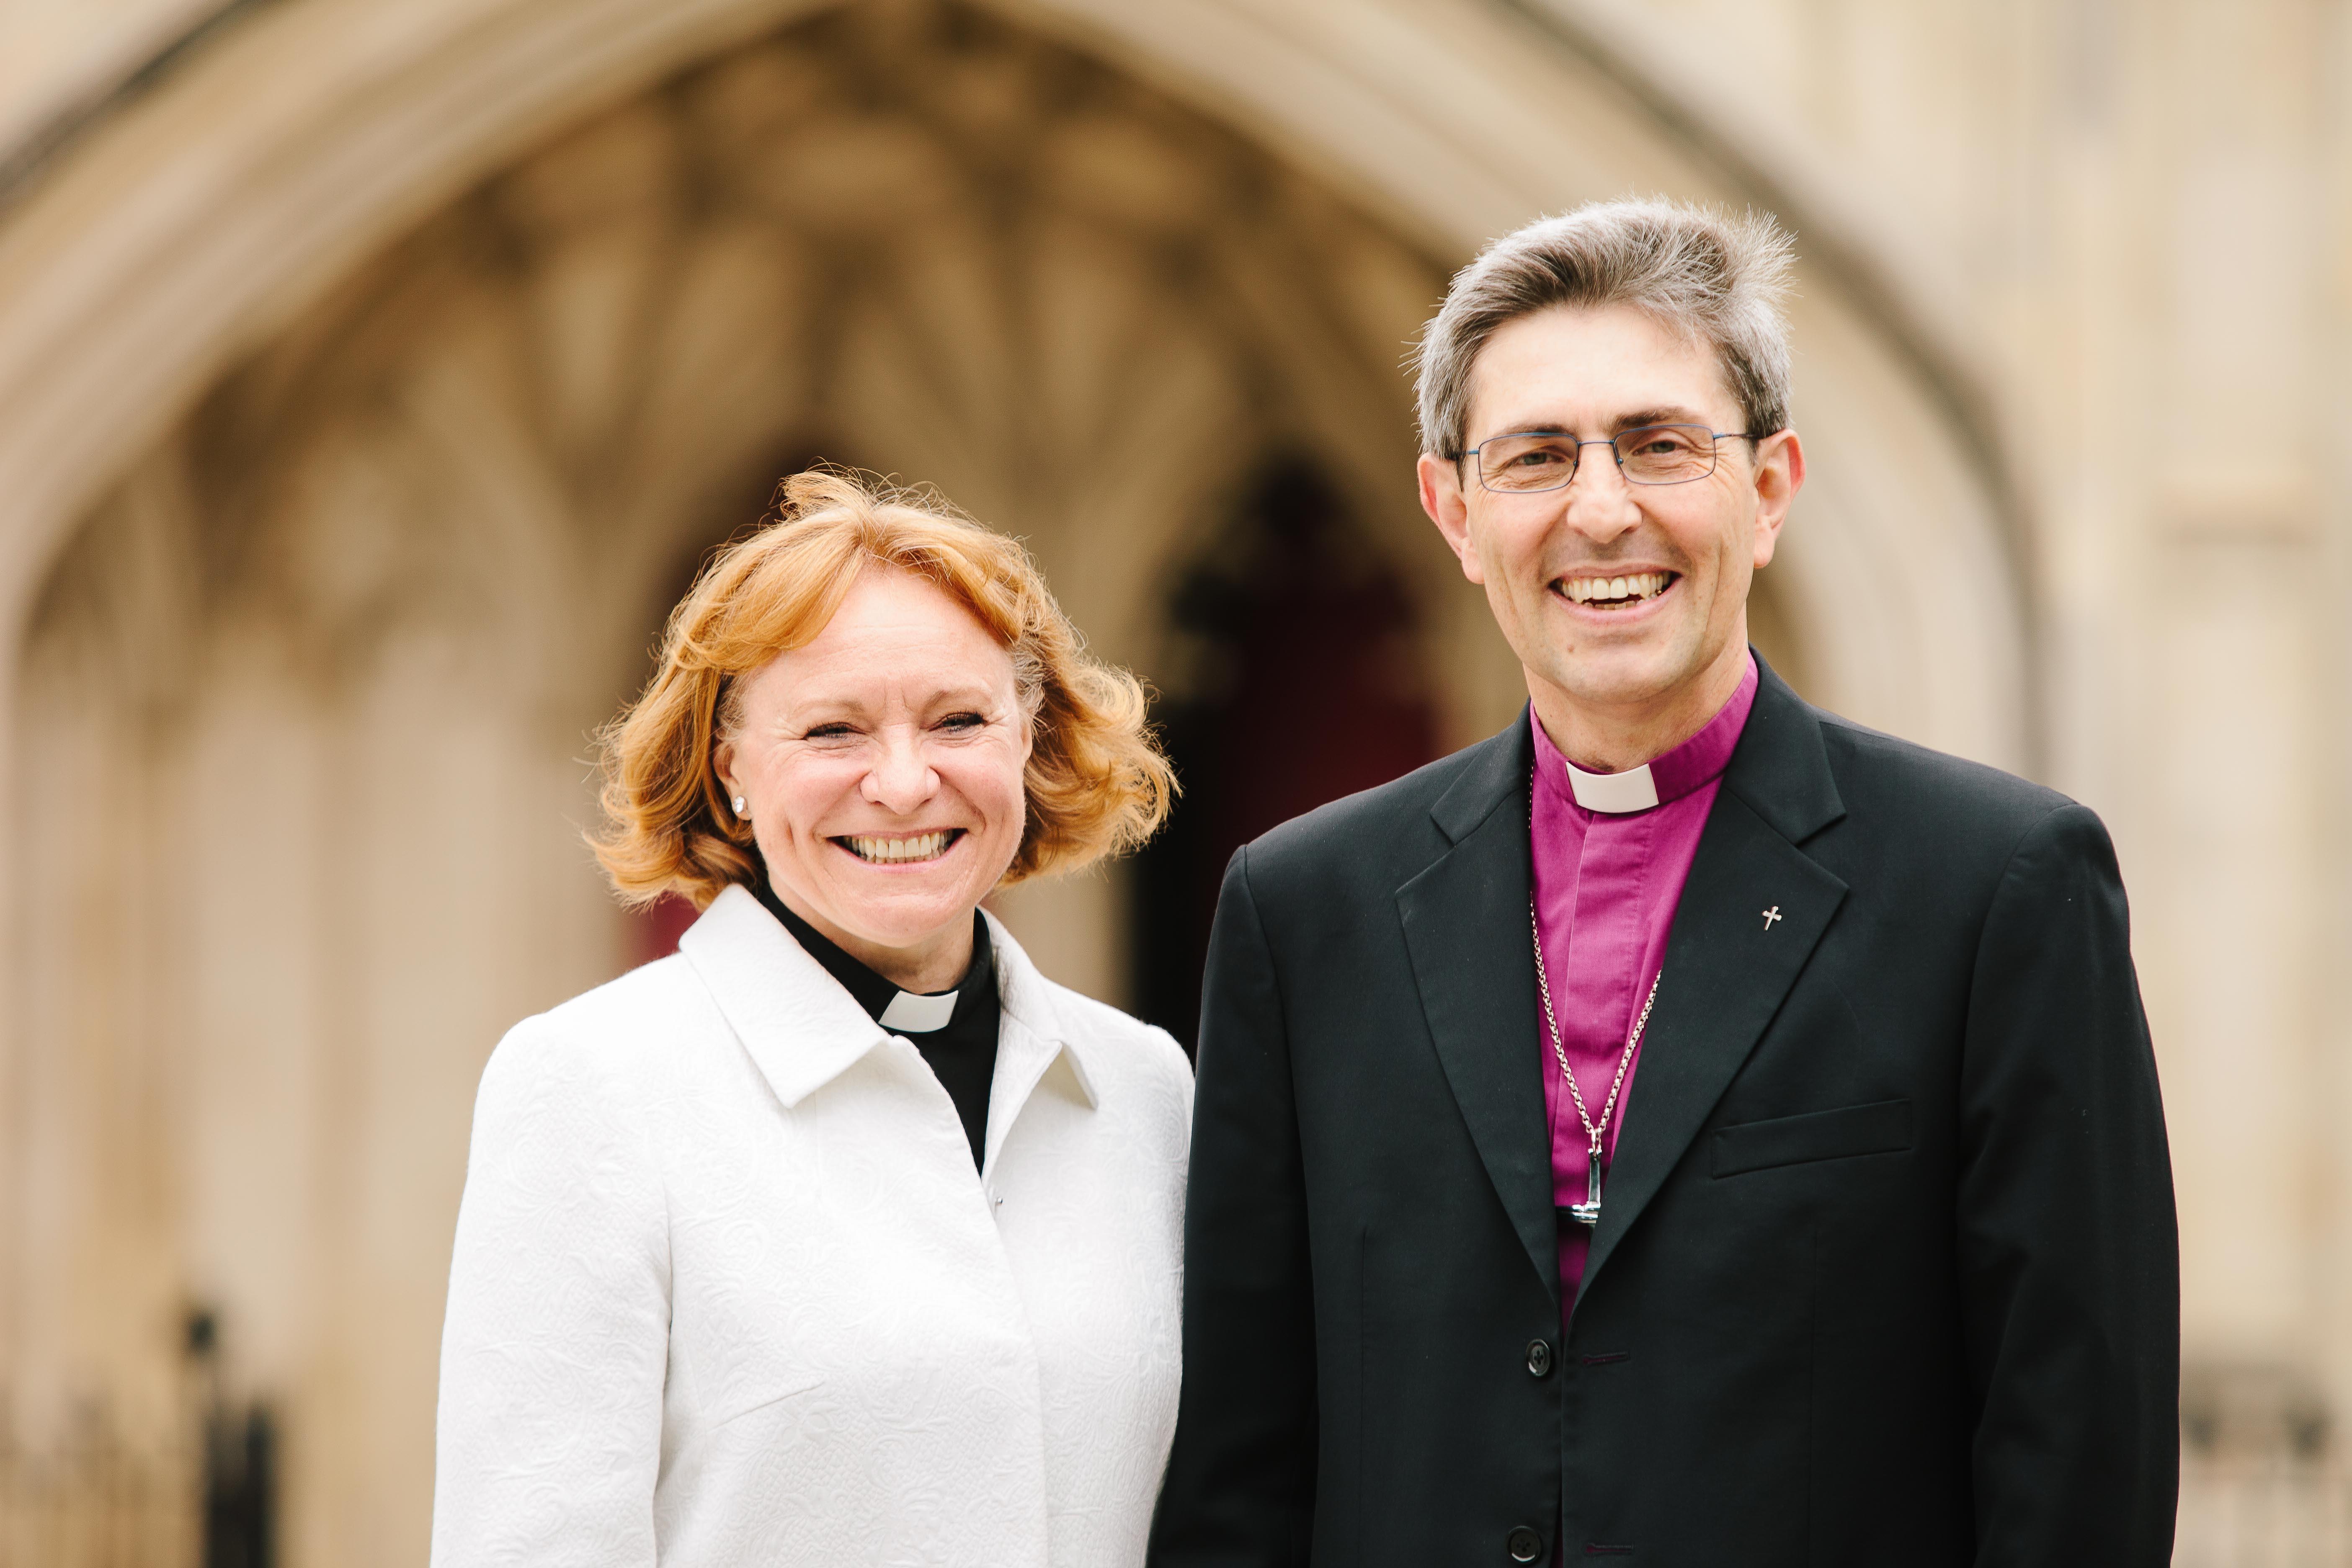 Catherine Ogle and Bishop Tim